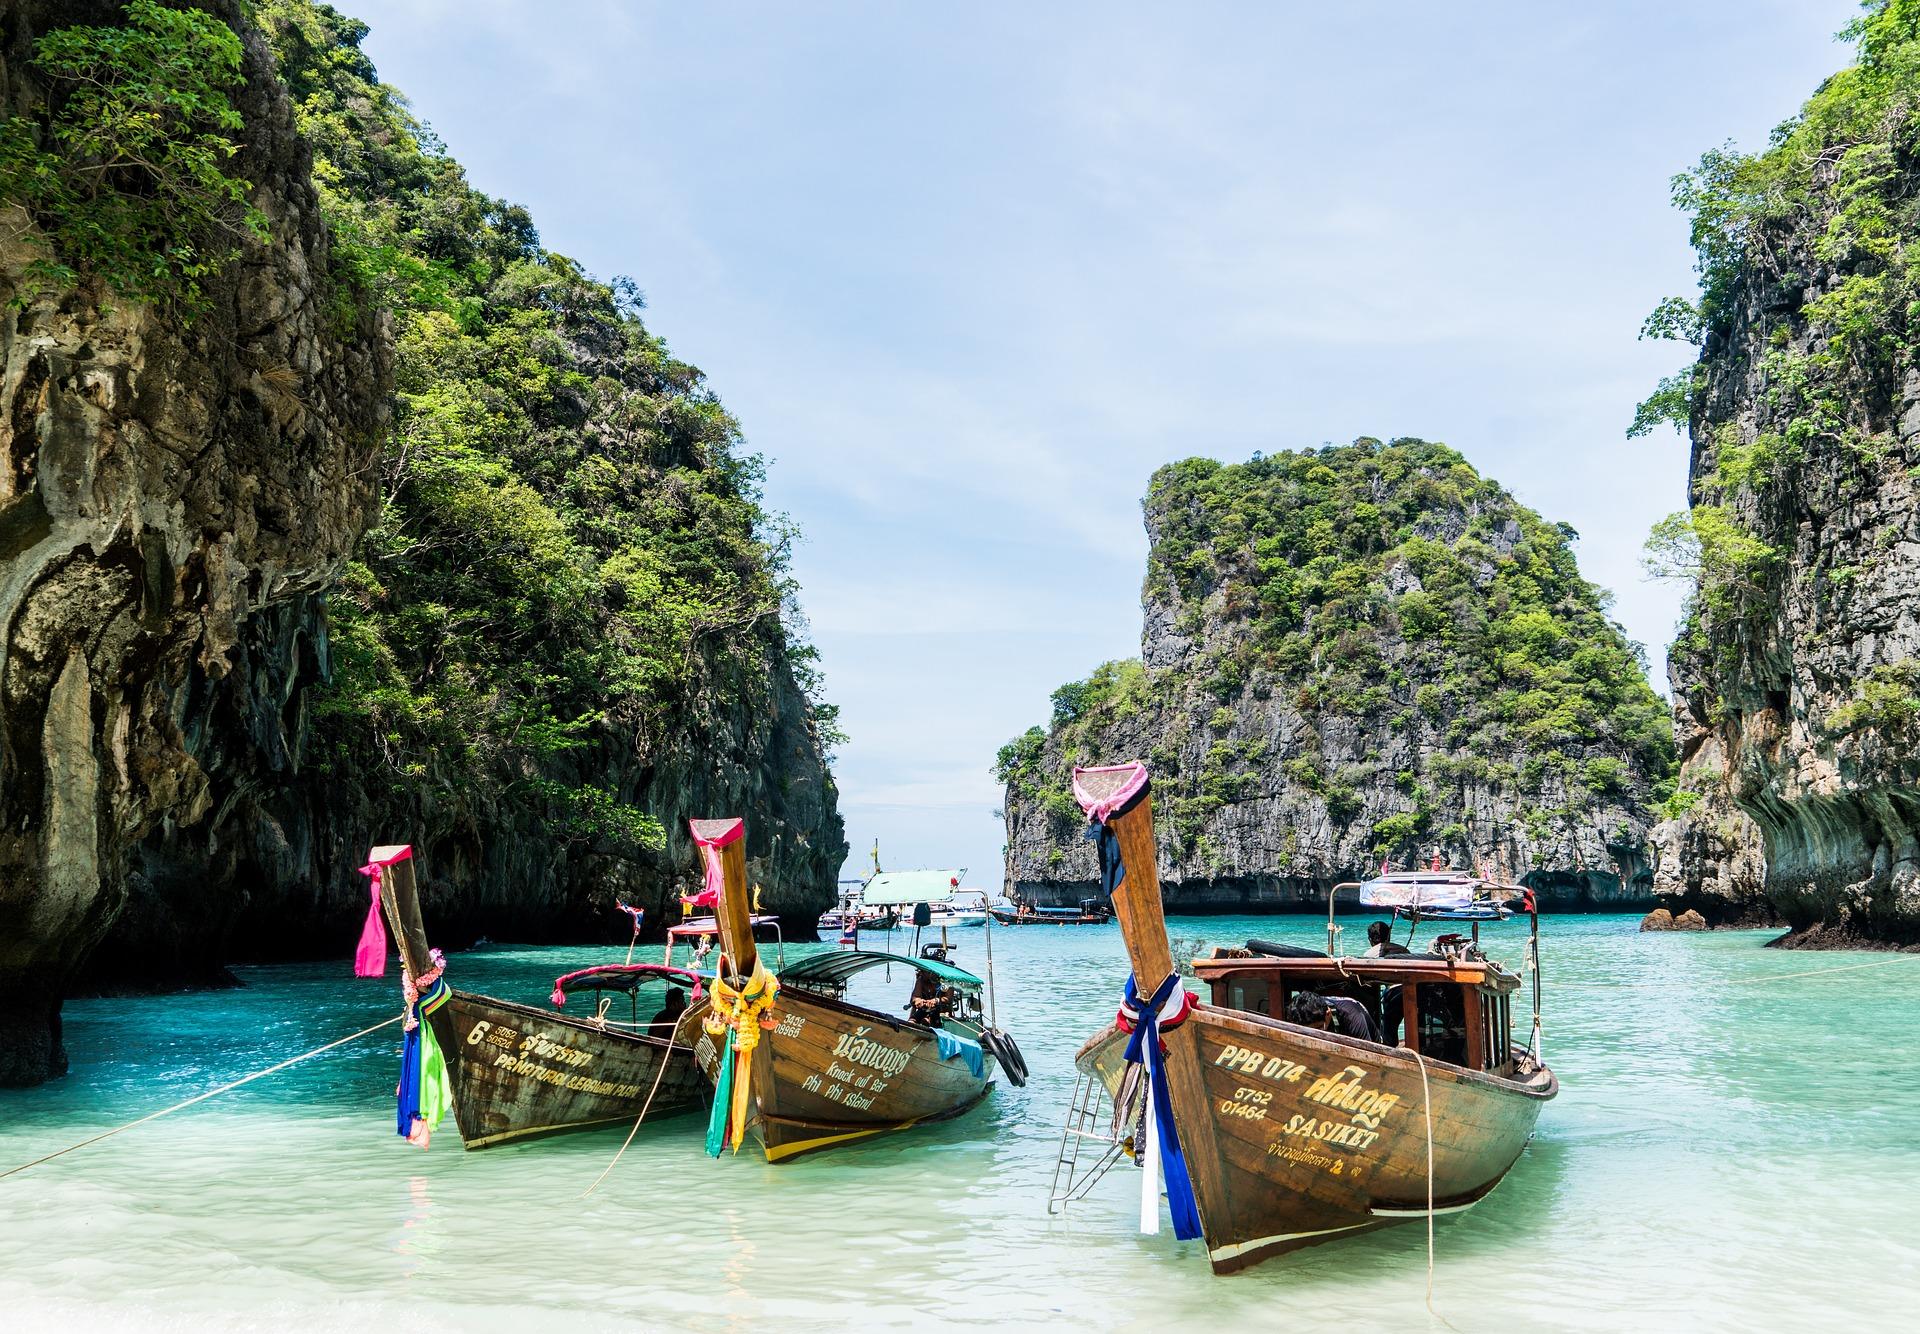 Phuket_CC0.jpg?1545474051